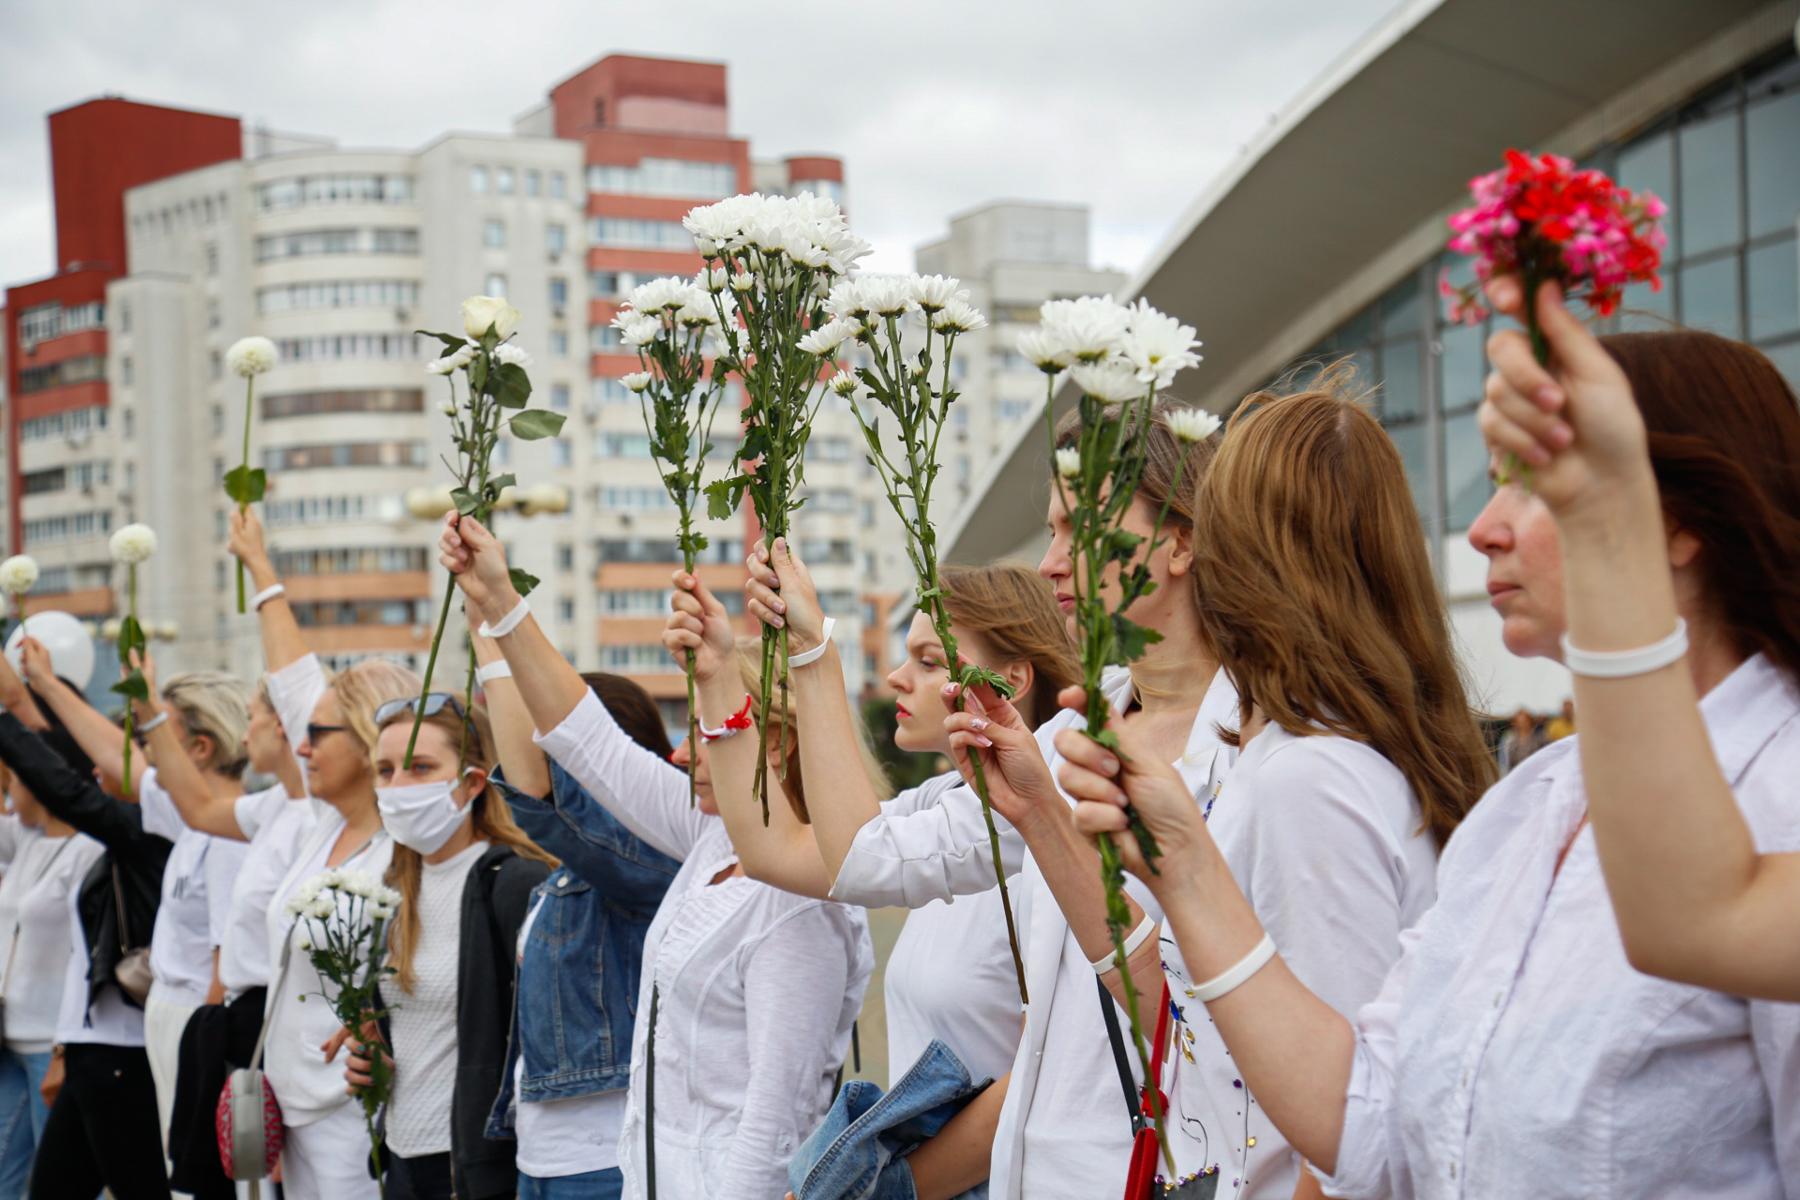 білорусь протести жінок